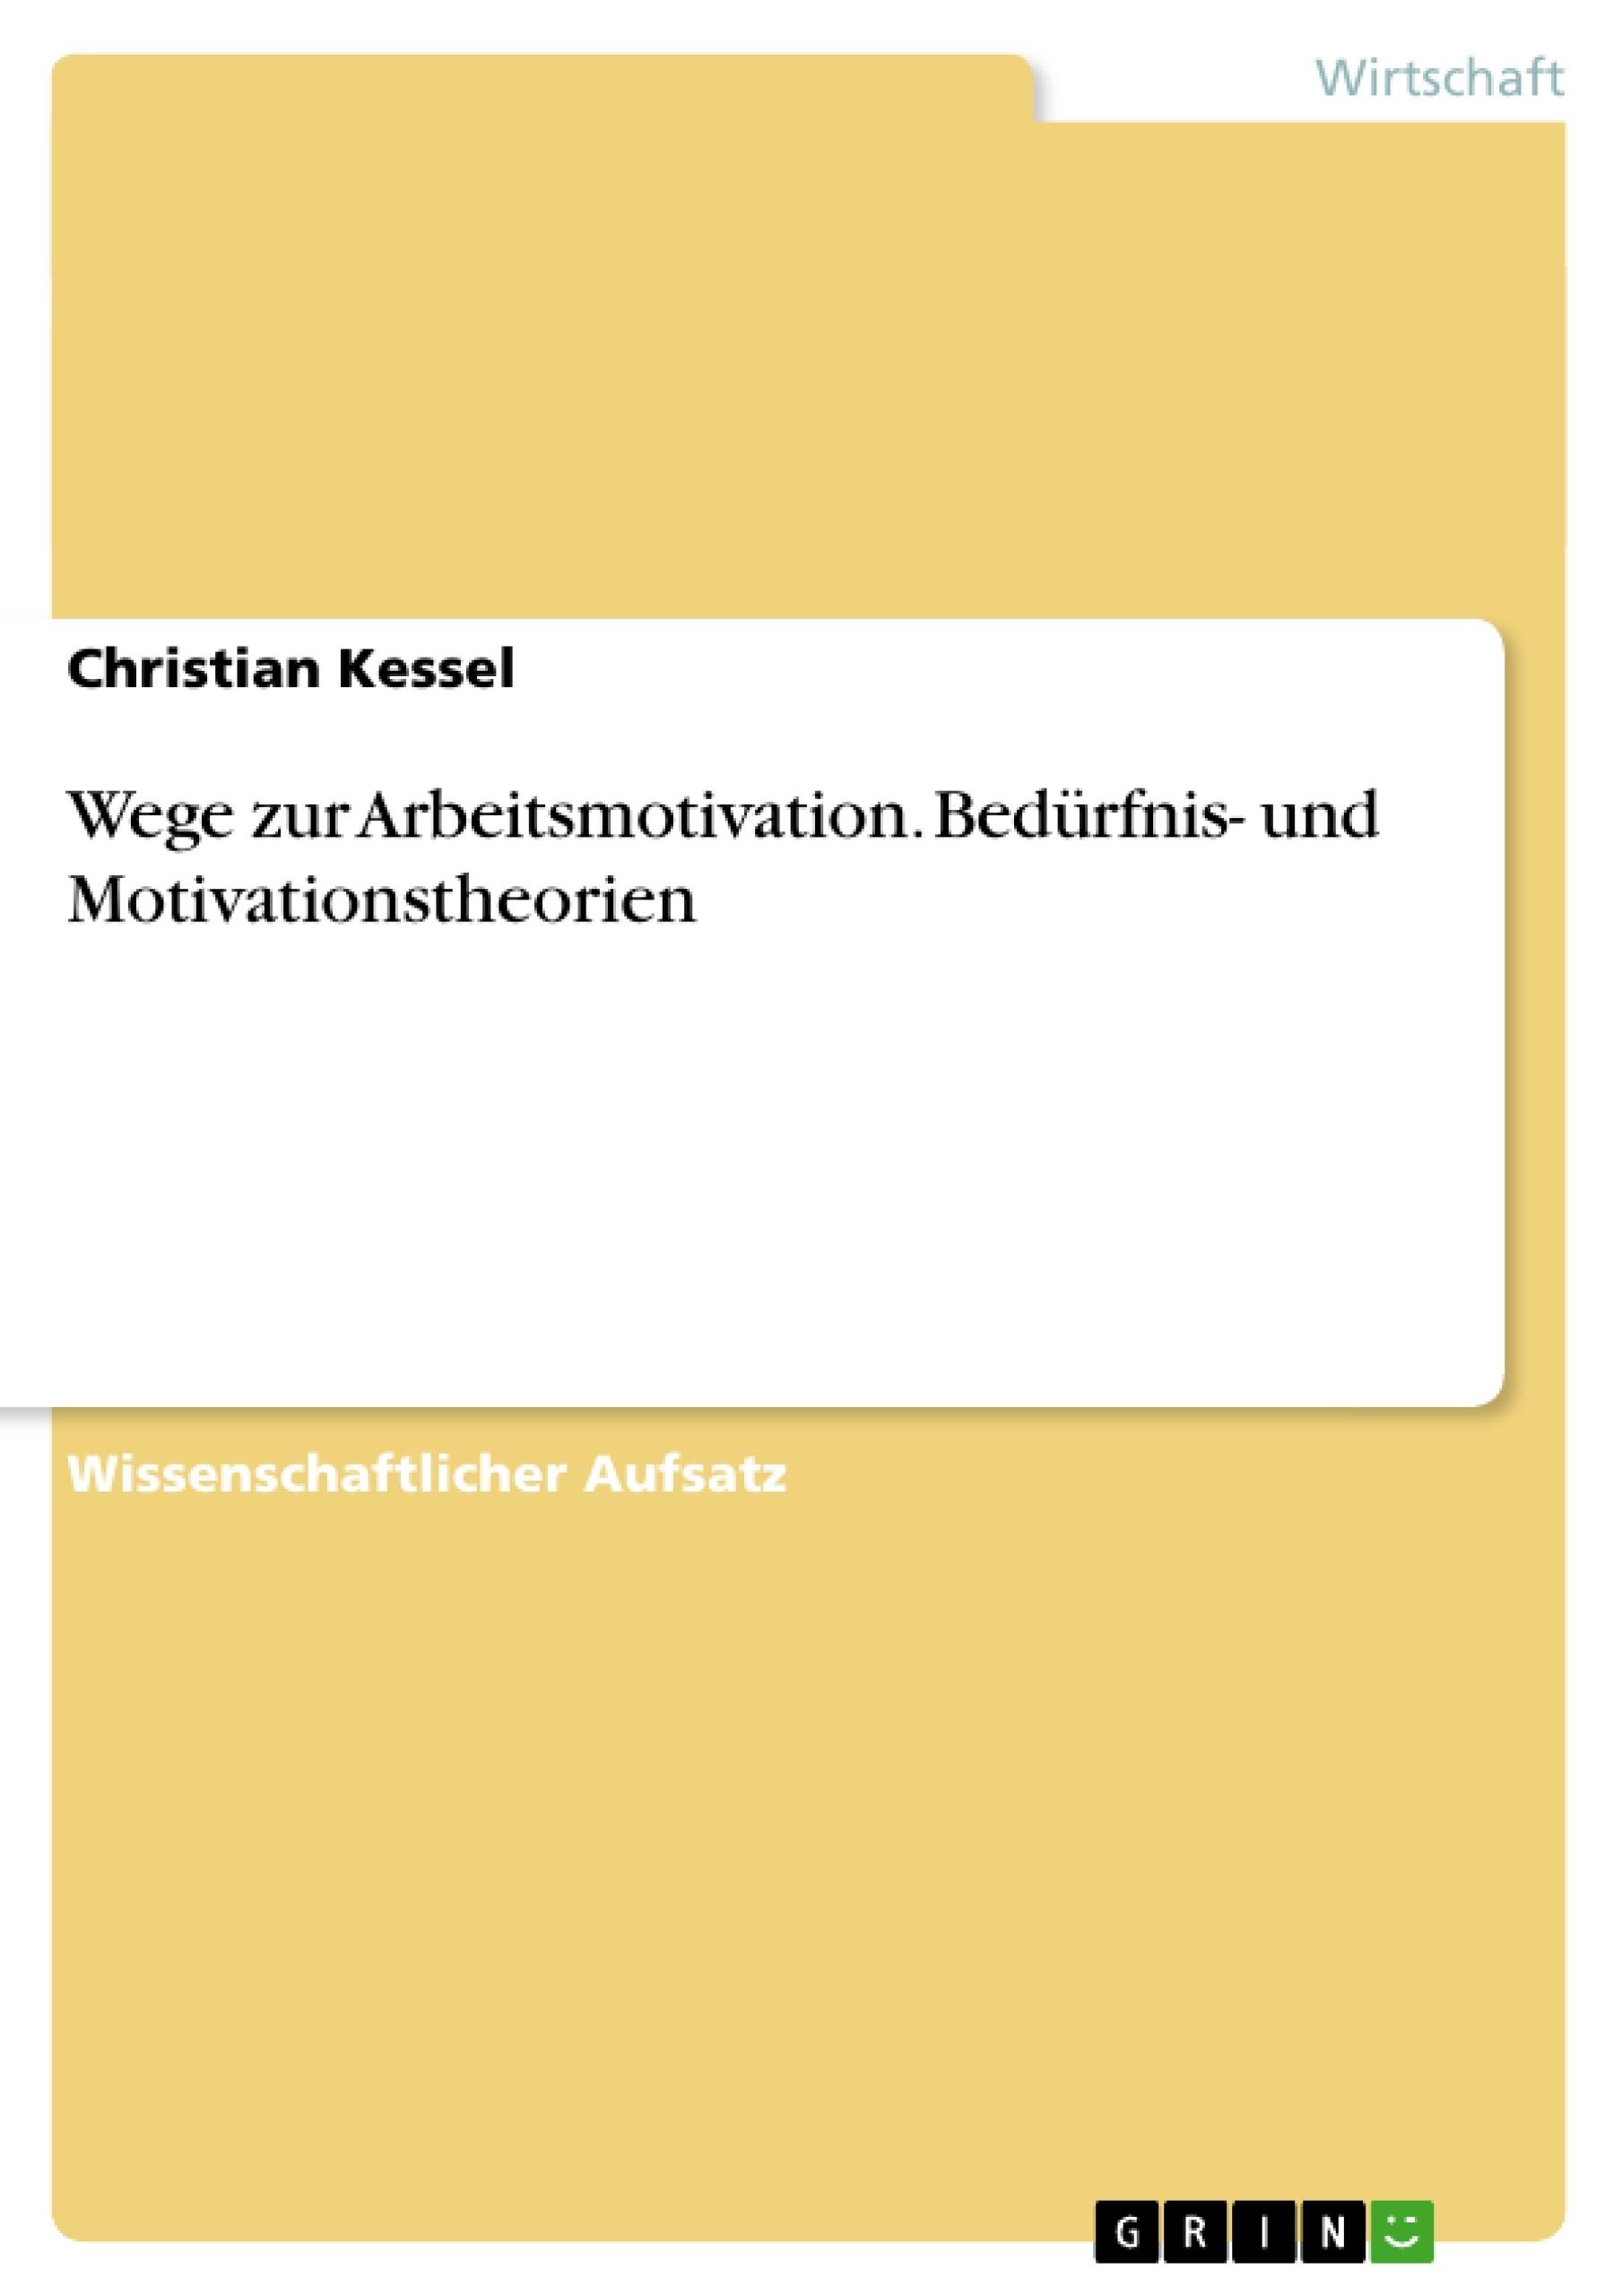 Ungewöhnlich Kesselklassifizierung Pdf Galerie - Elektrische ...